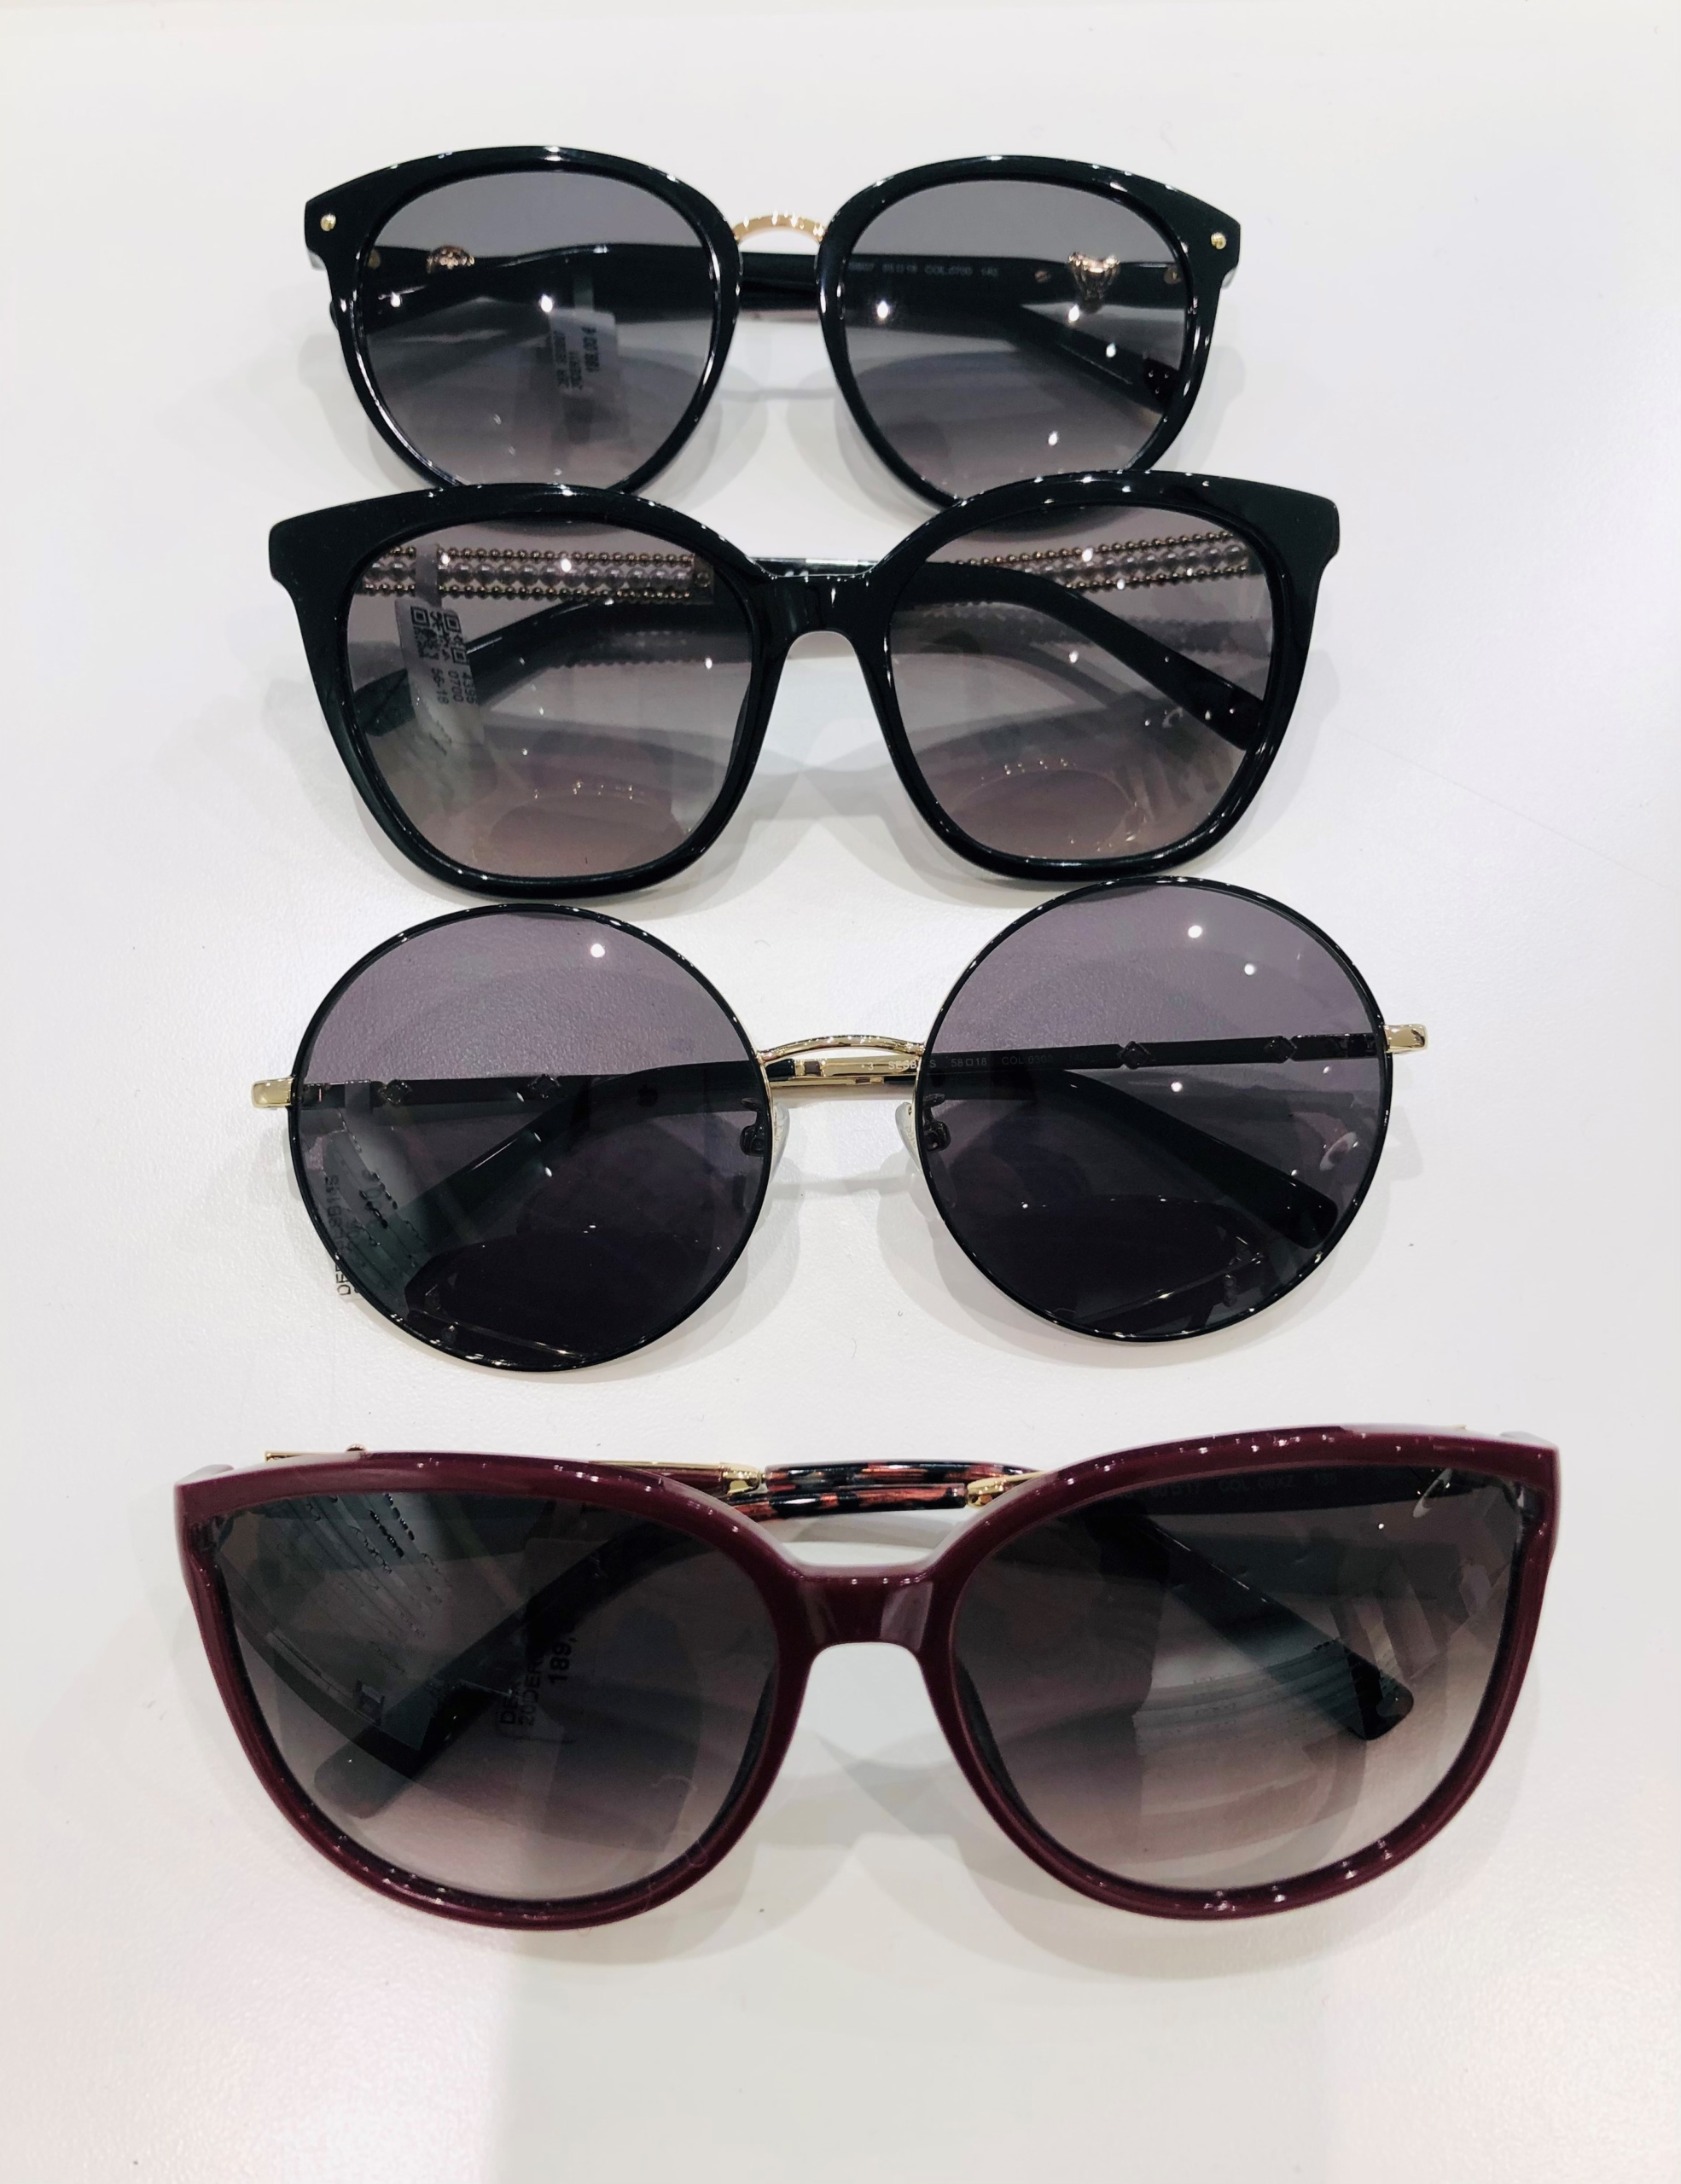 Schaufenster online_03012021_Optiker Augensache Brille Kontaktlinse Friedberg_ESCADA_MARC OPOLO